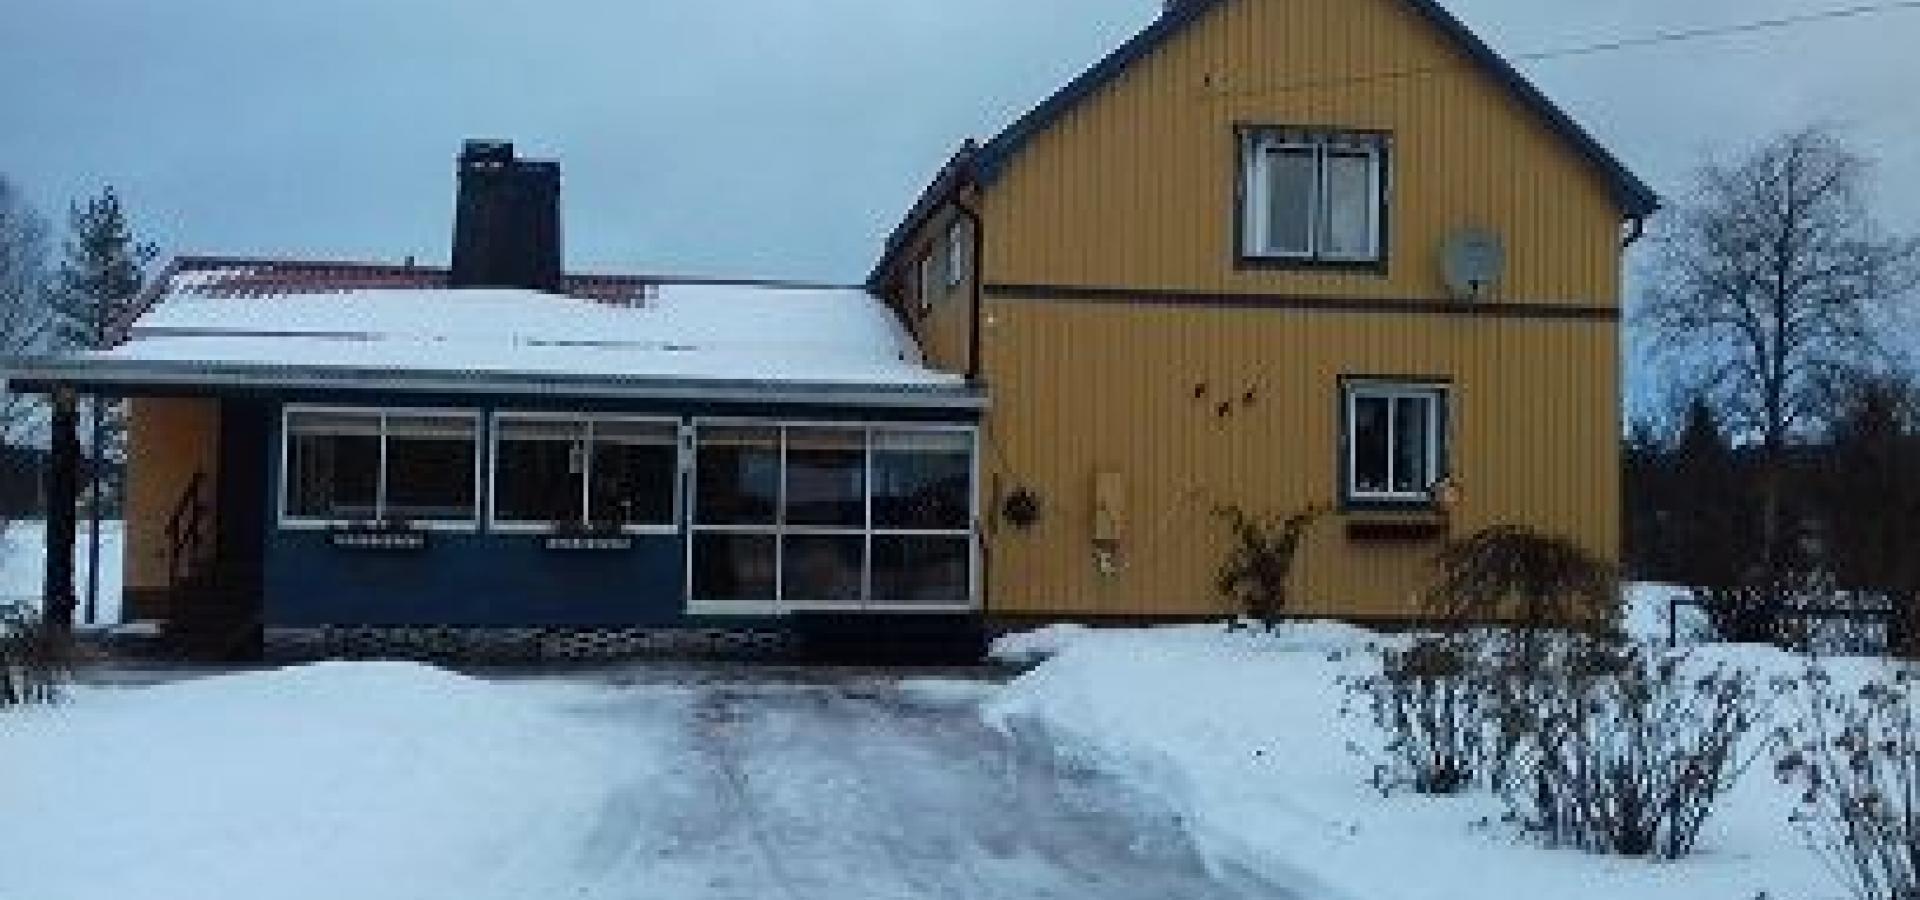 Vg 1053, Flygplatsvgen Slen - Trafikverket